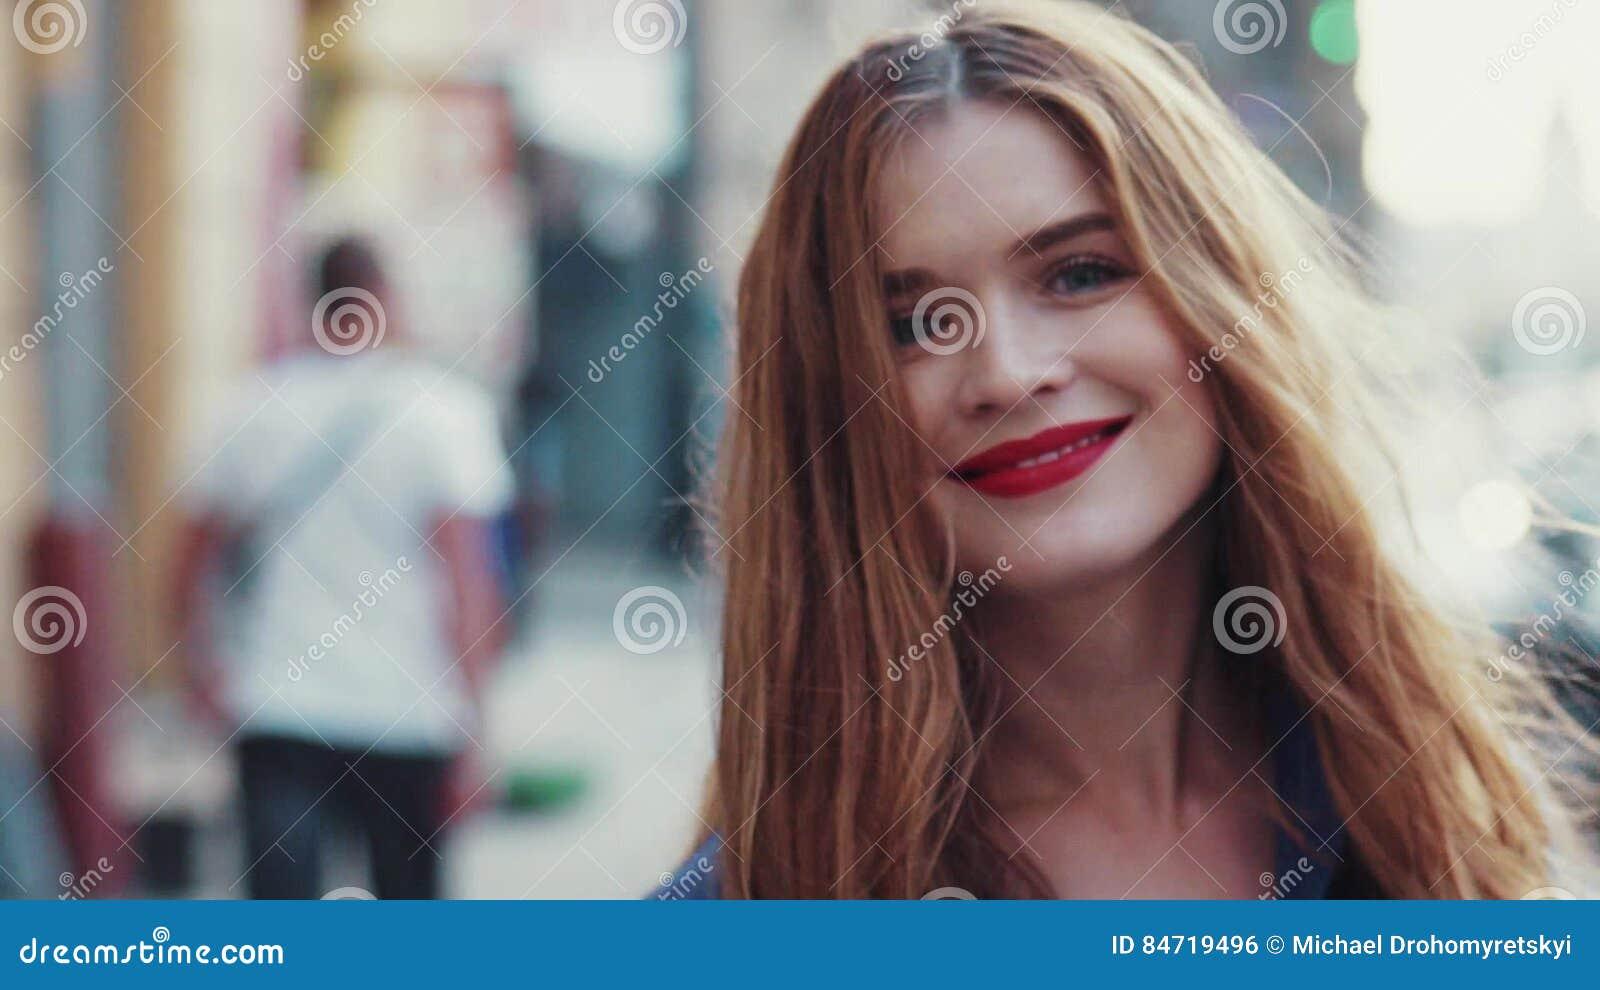 Herrliche Junge Frau Mit Schönen Blauen Augen Und Dem Goldenen